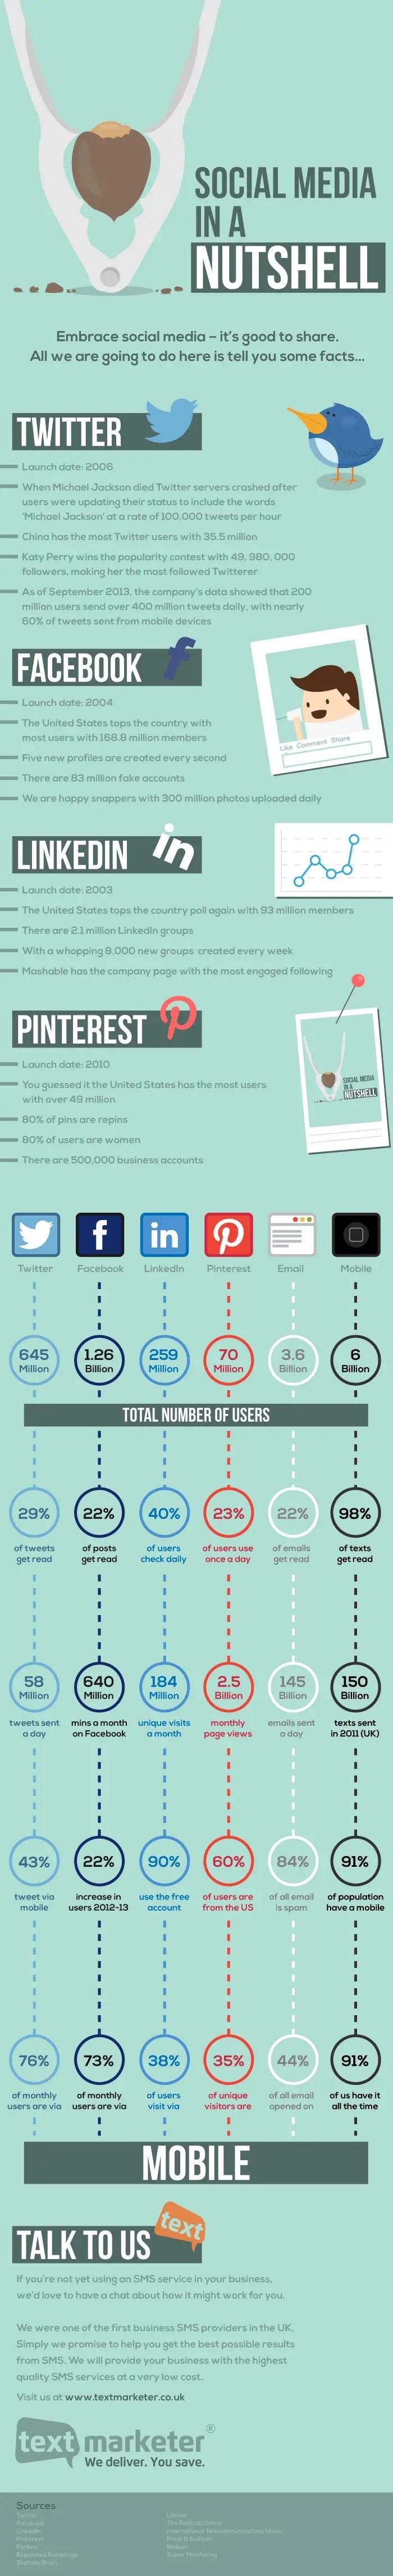 social_media_in_nutshell_infographic